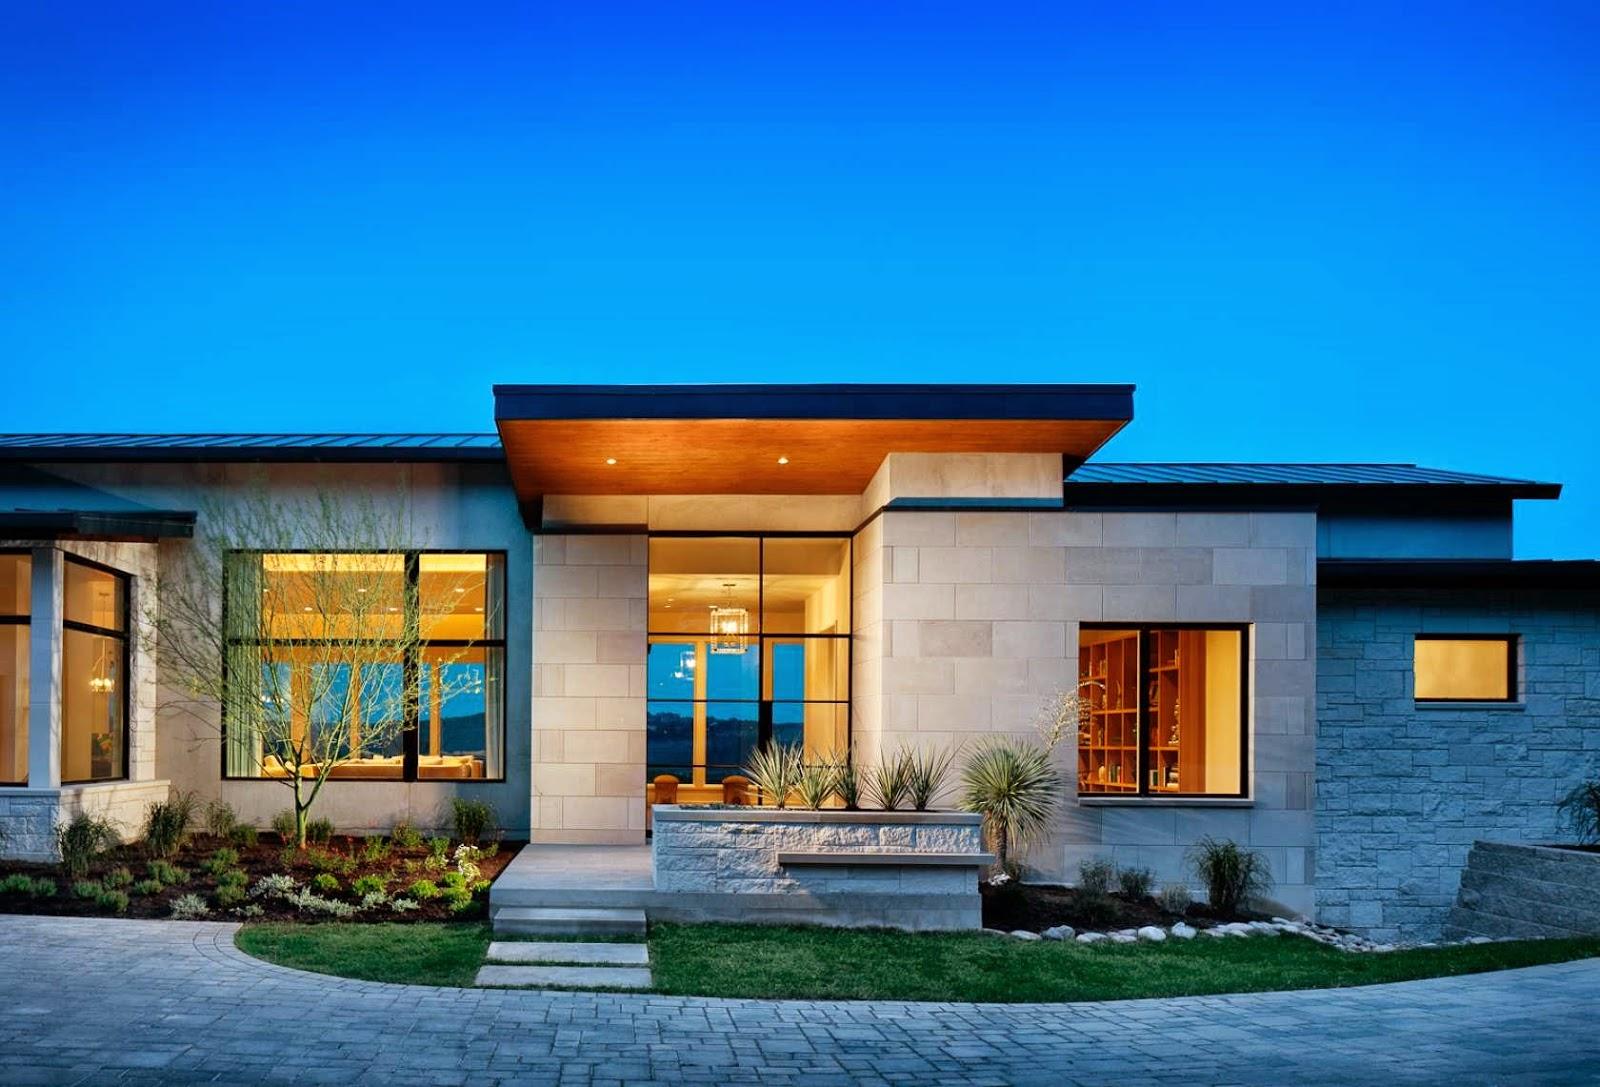 Ver fotos de casas bonitas escoja y vote por sus fotos de for Casas modernas lindas